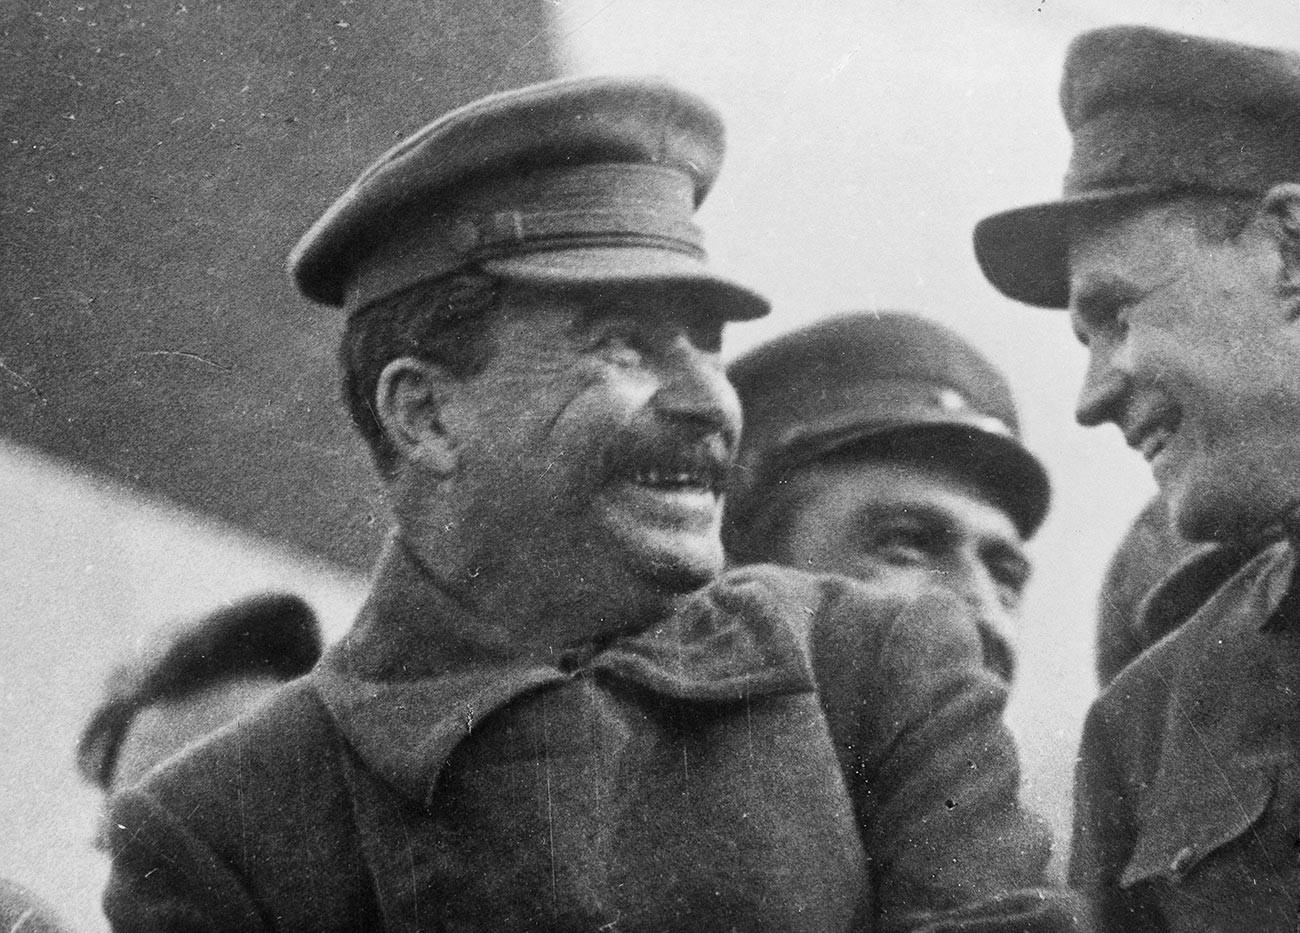 ヨシフ・スターリンが赤広場のパレードにて